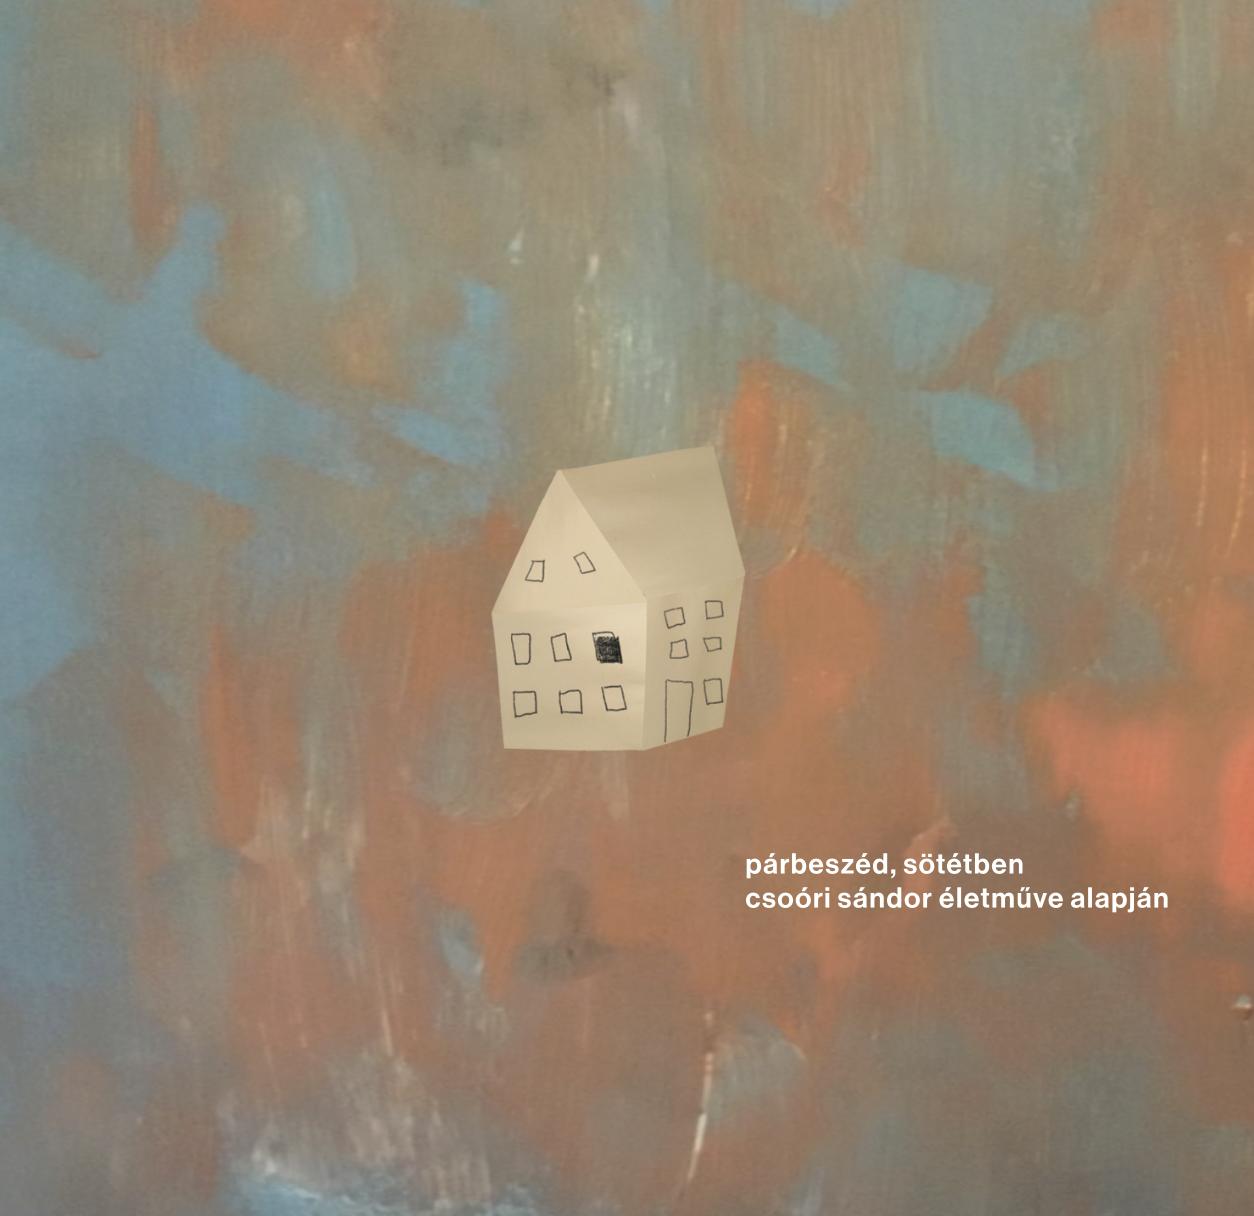 Párbeszéd, sötétben - Csoóri Sándor életműve alapján (CD)